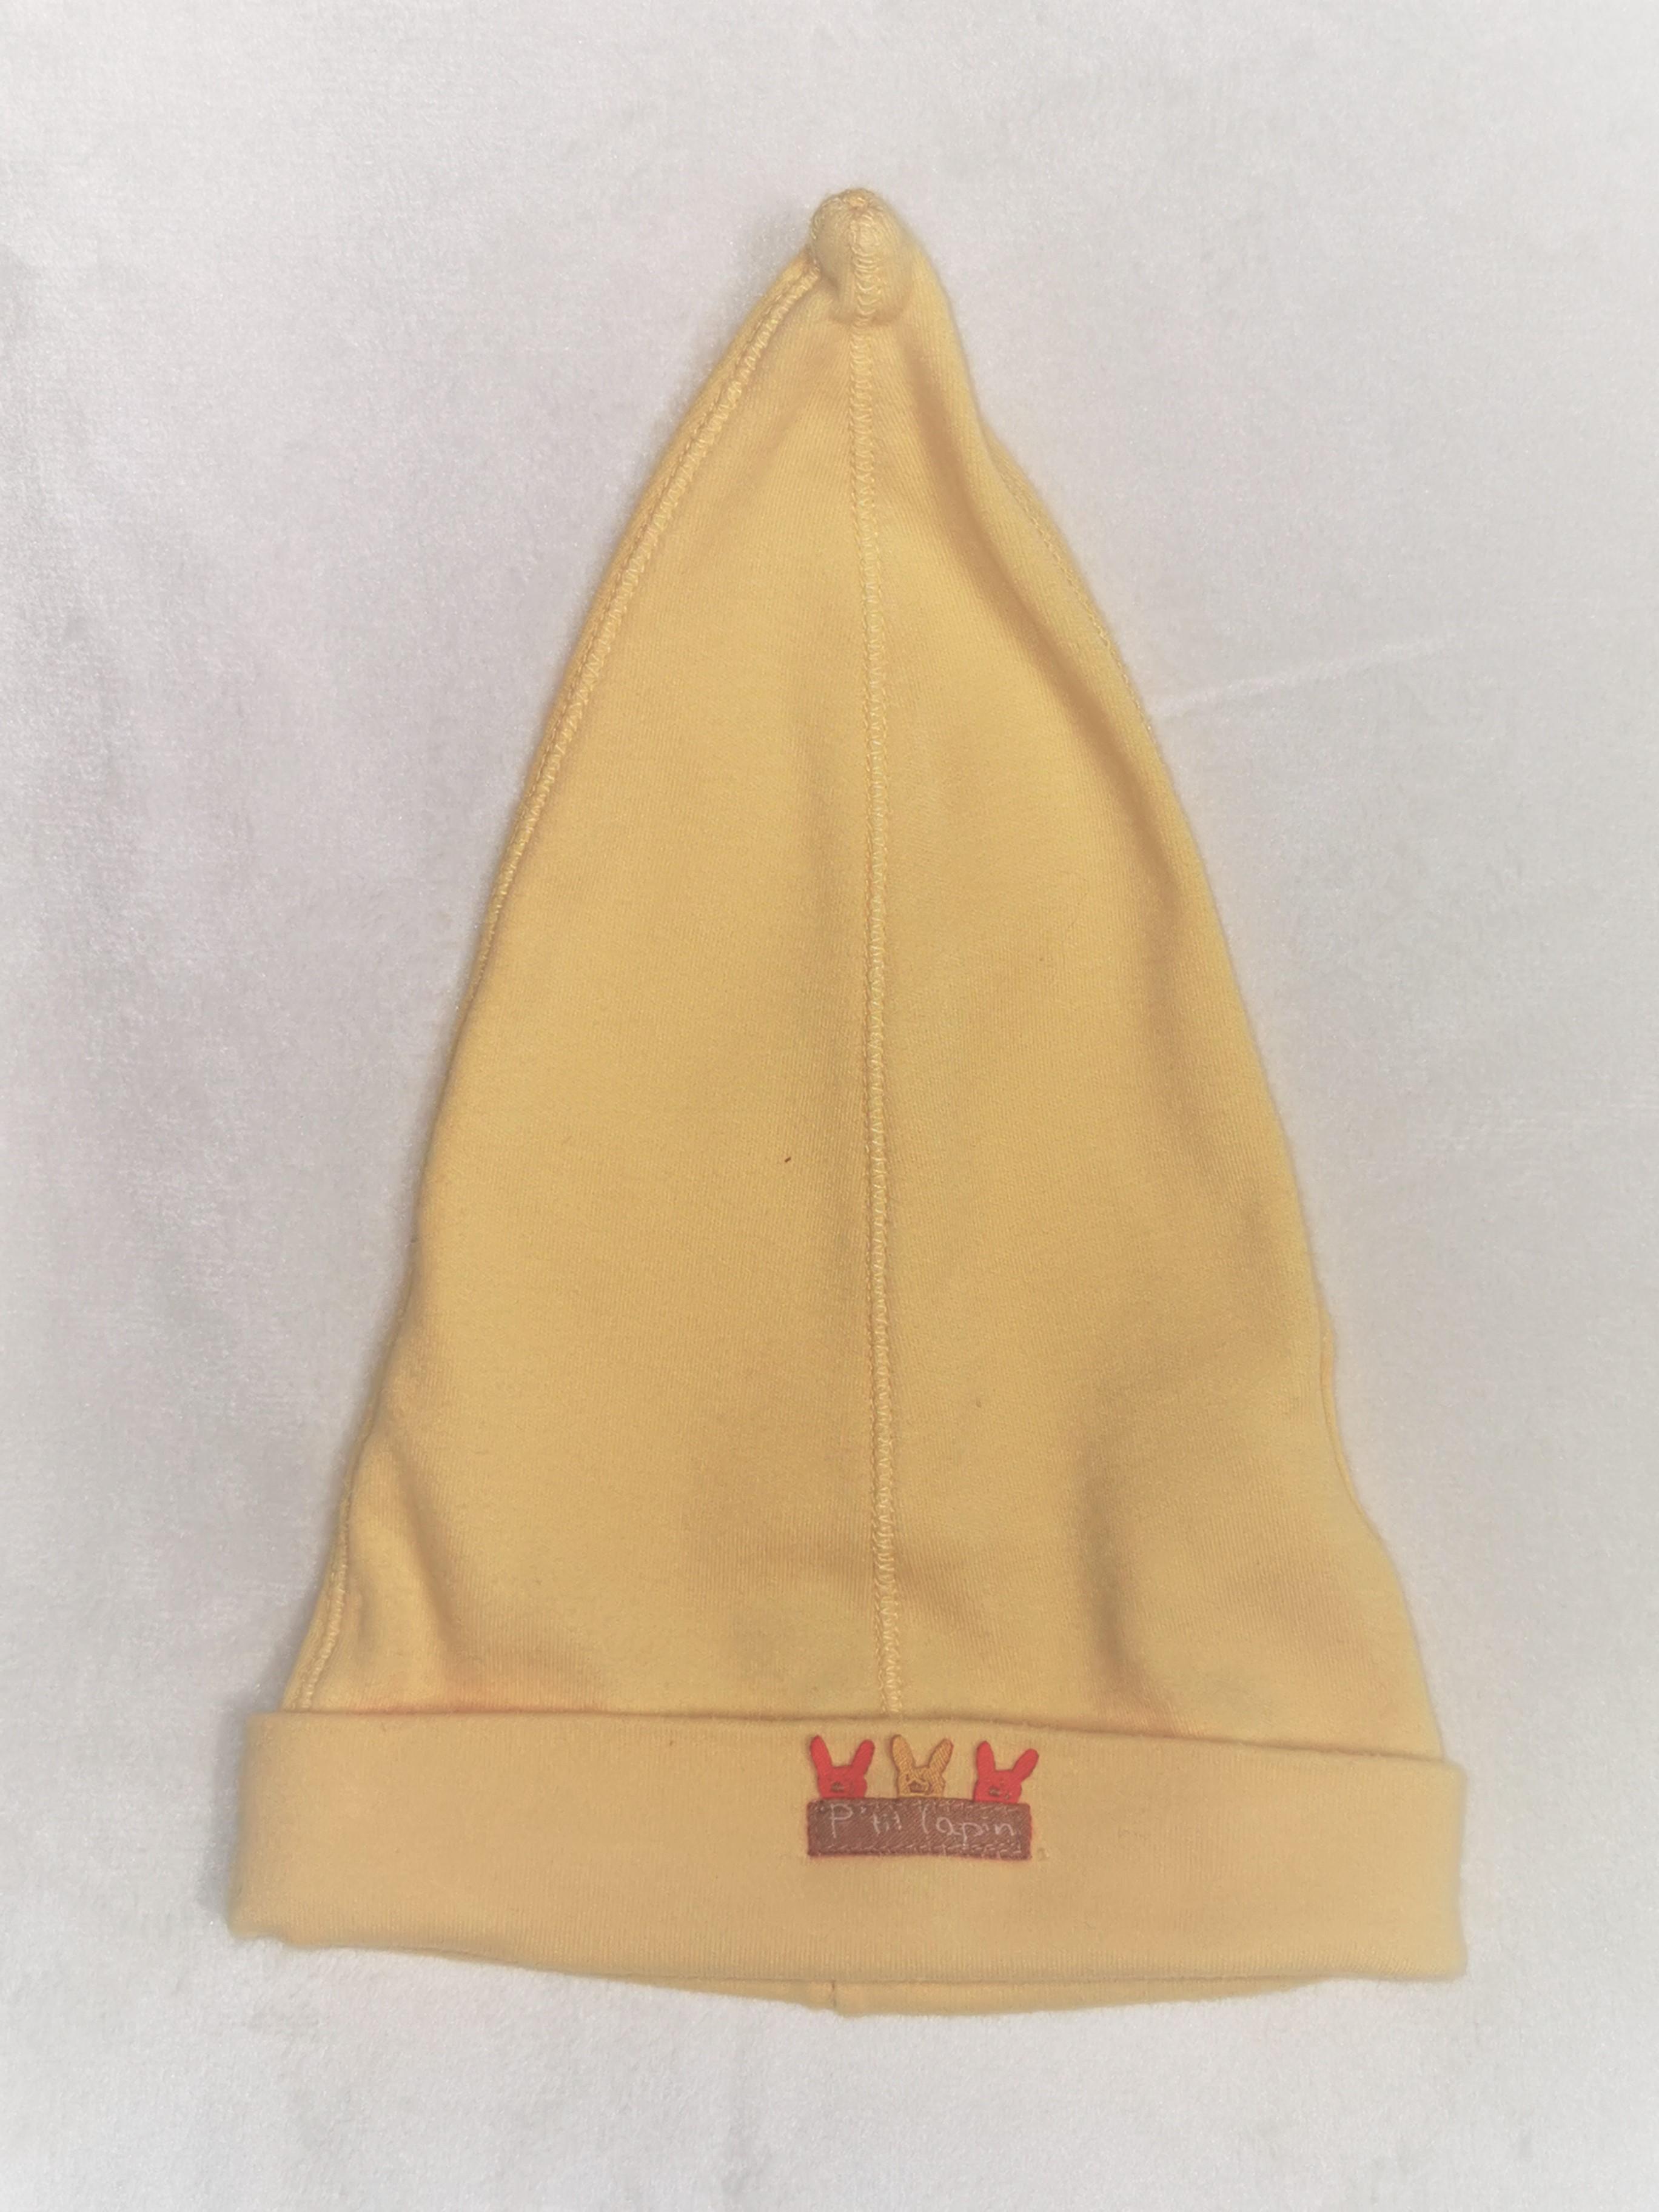 Bonnet Vertbaudet - 3M